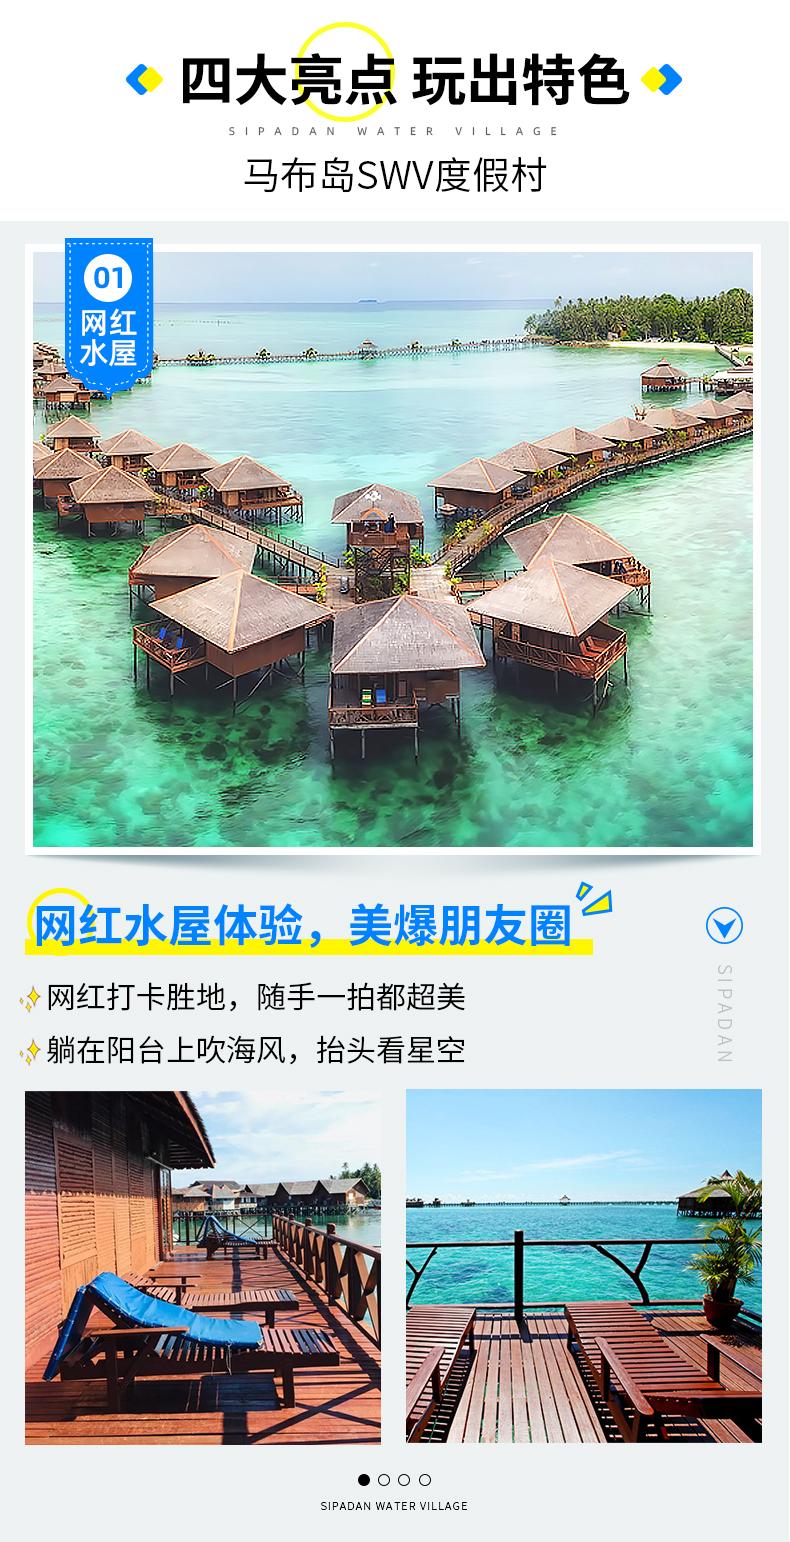 马布岛西巴丹水上屋度假村swv仙本那水屋潜水考证度假村预订